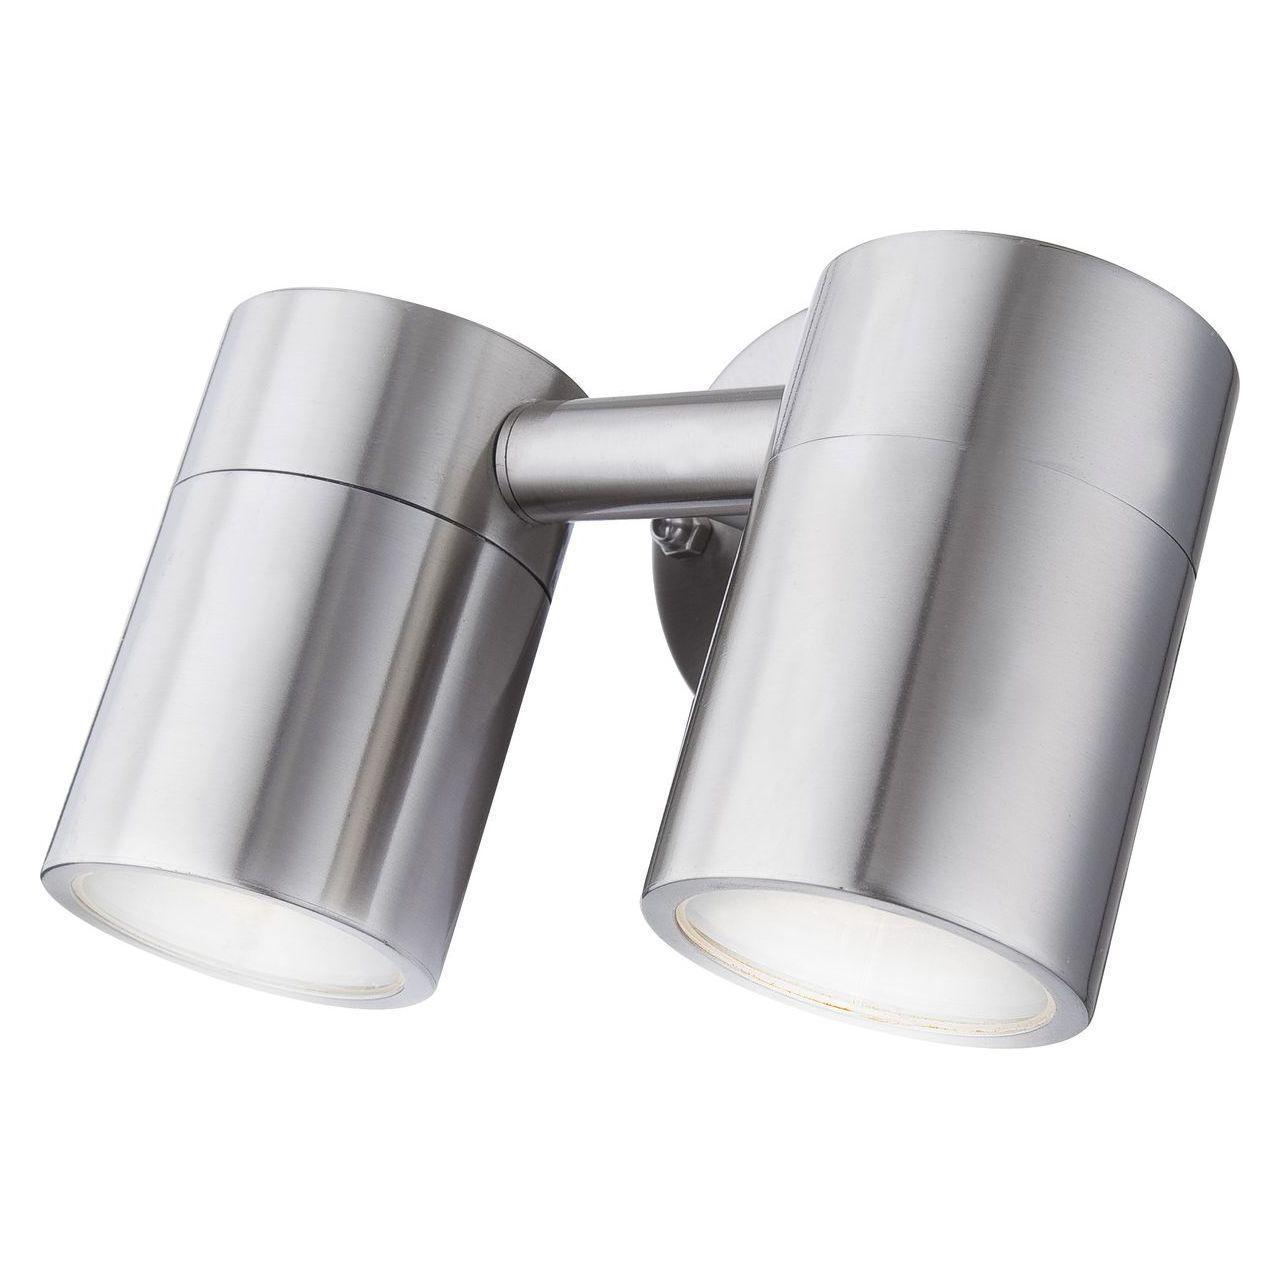 Уличный настенный светодиодный светильник Globo Style 3207-2L уличный настенный светодиодный светильник globo style 3207 2l